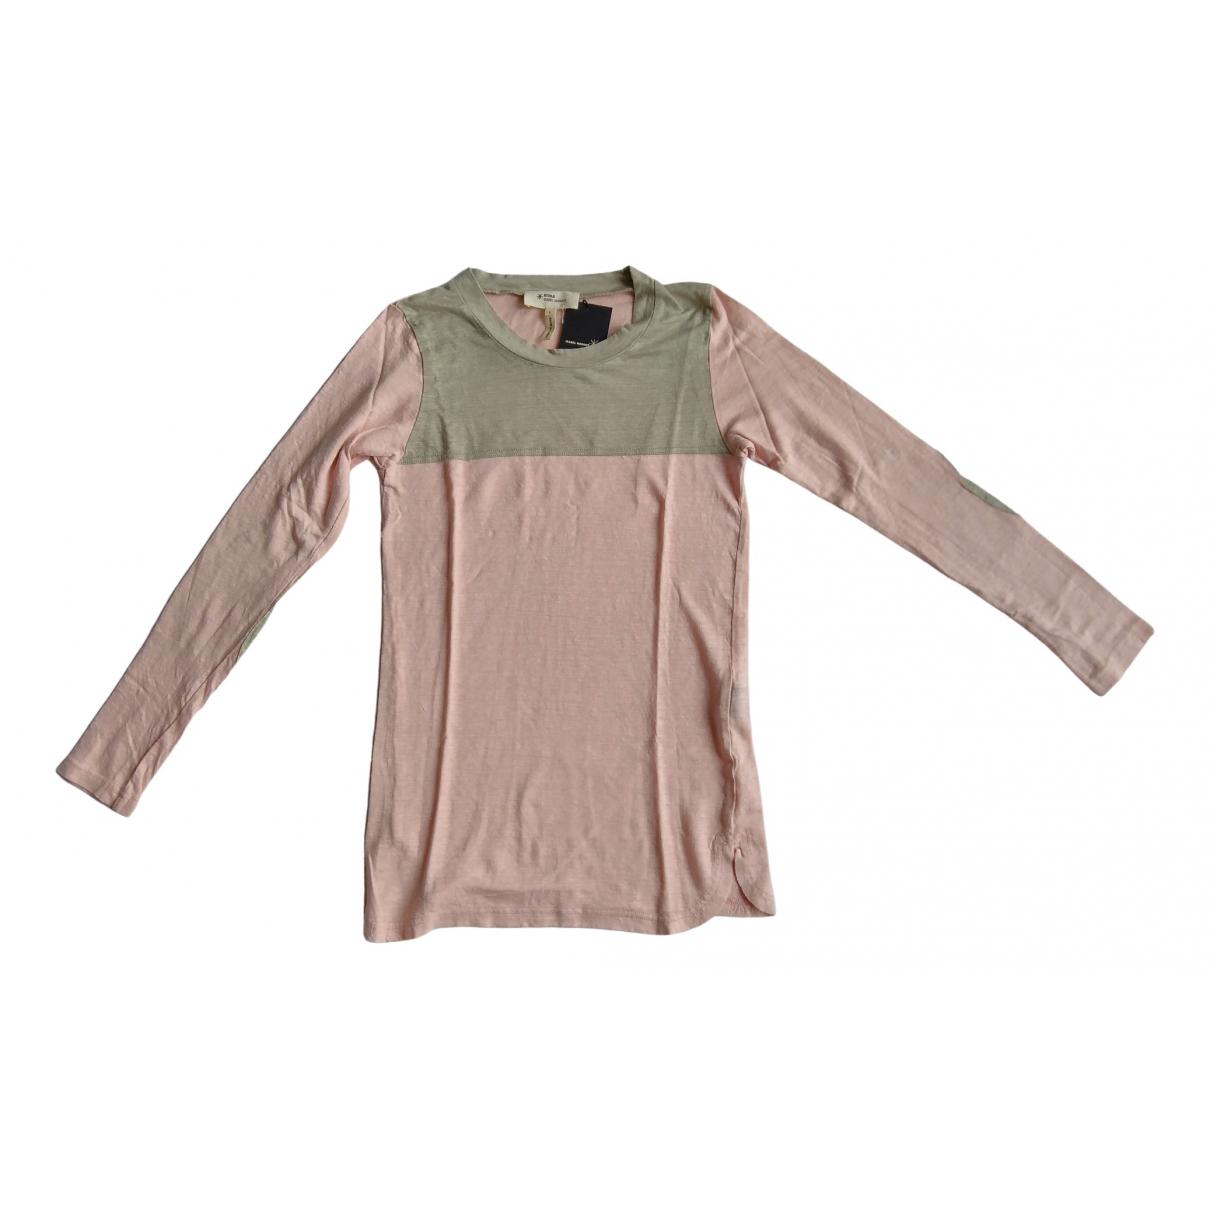 Isabel Marant Etoile - Top   pour femme en lin - rose